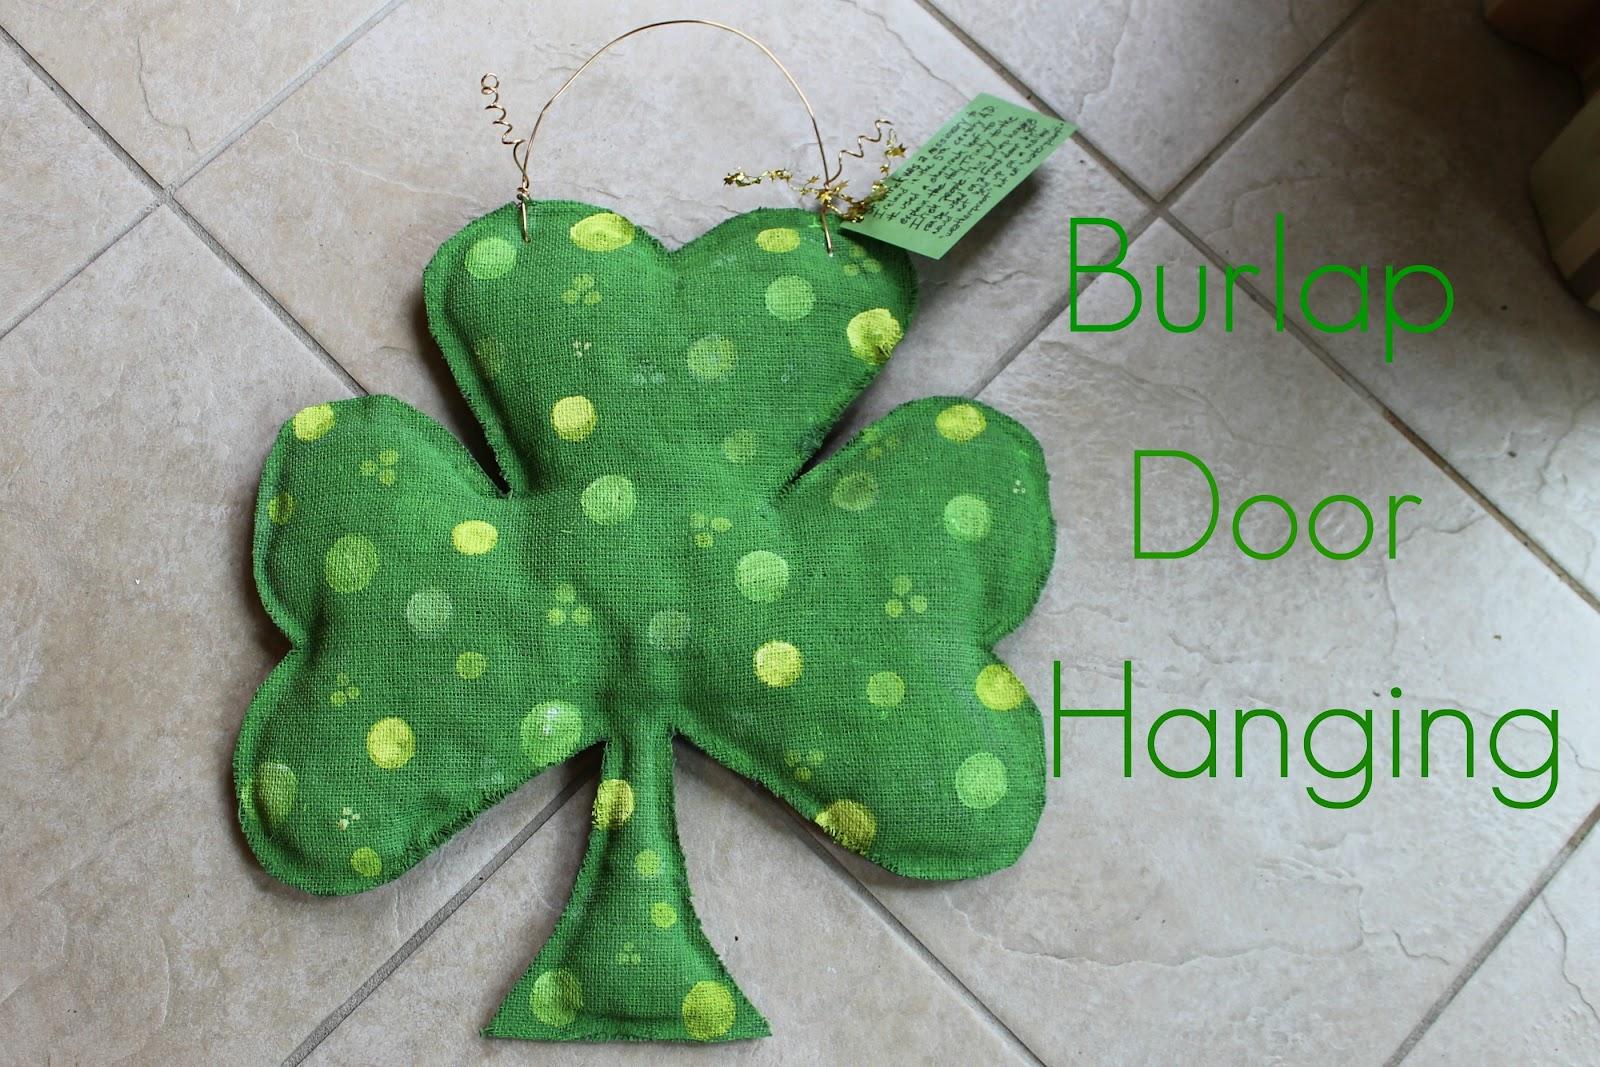 Burlap Door Hanging & Burlap Door Hanging | Miss Kopy Kat